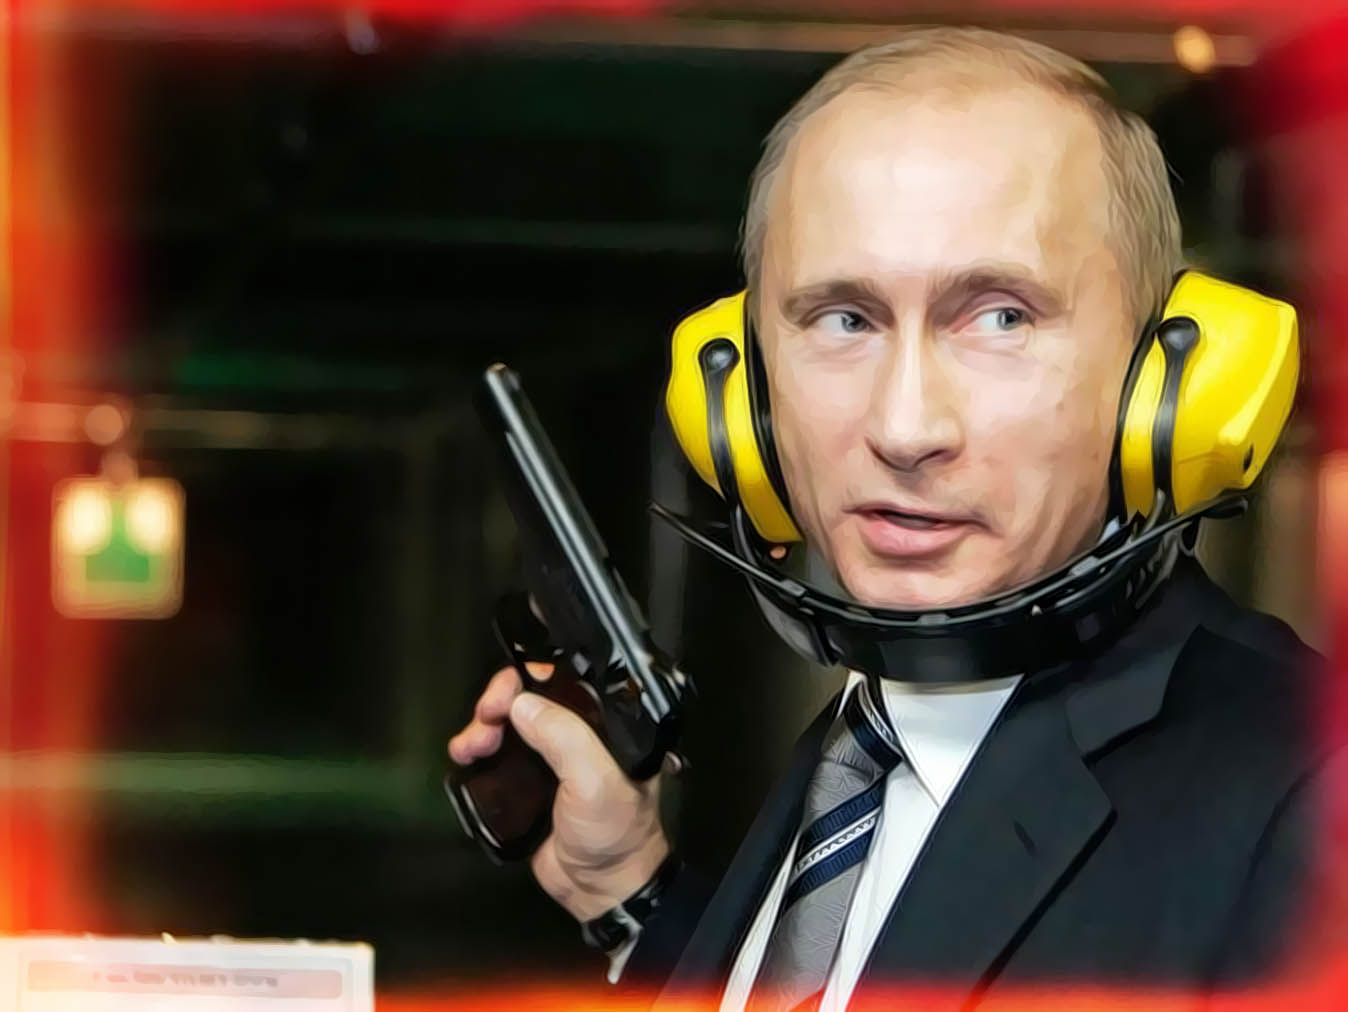 Wladimir Putin Russland Islamismus Scharia Islamisierung Abwehr Kampf der Kulturen Religionen Duma